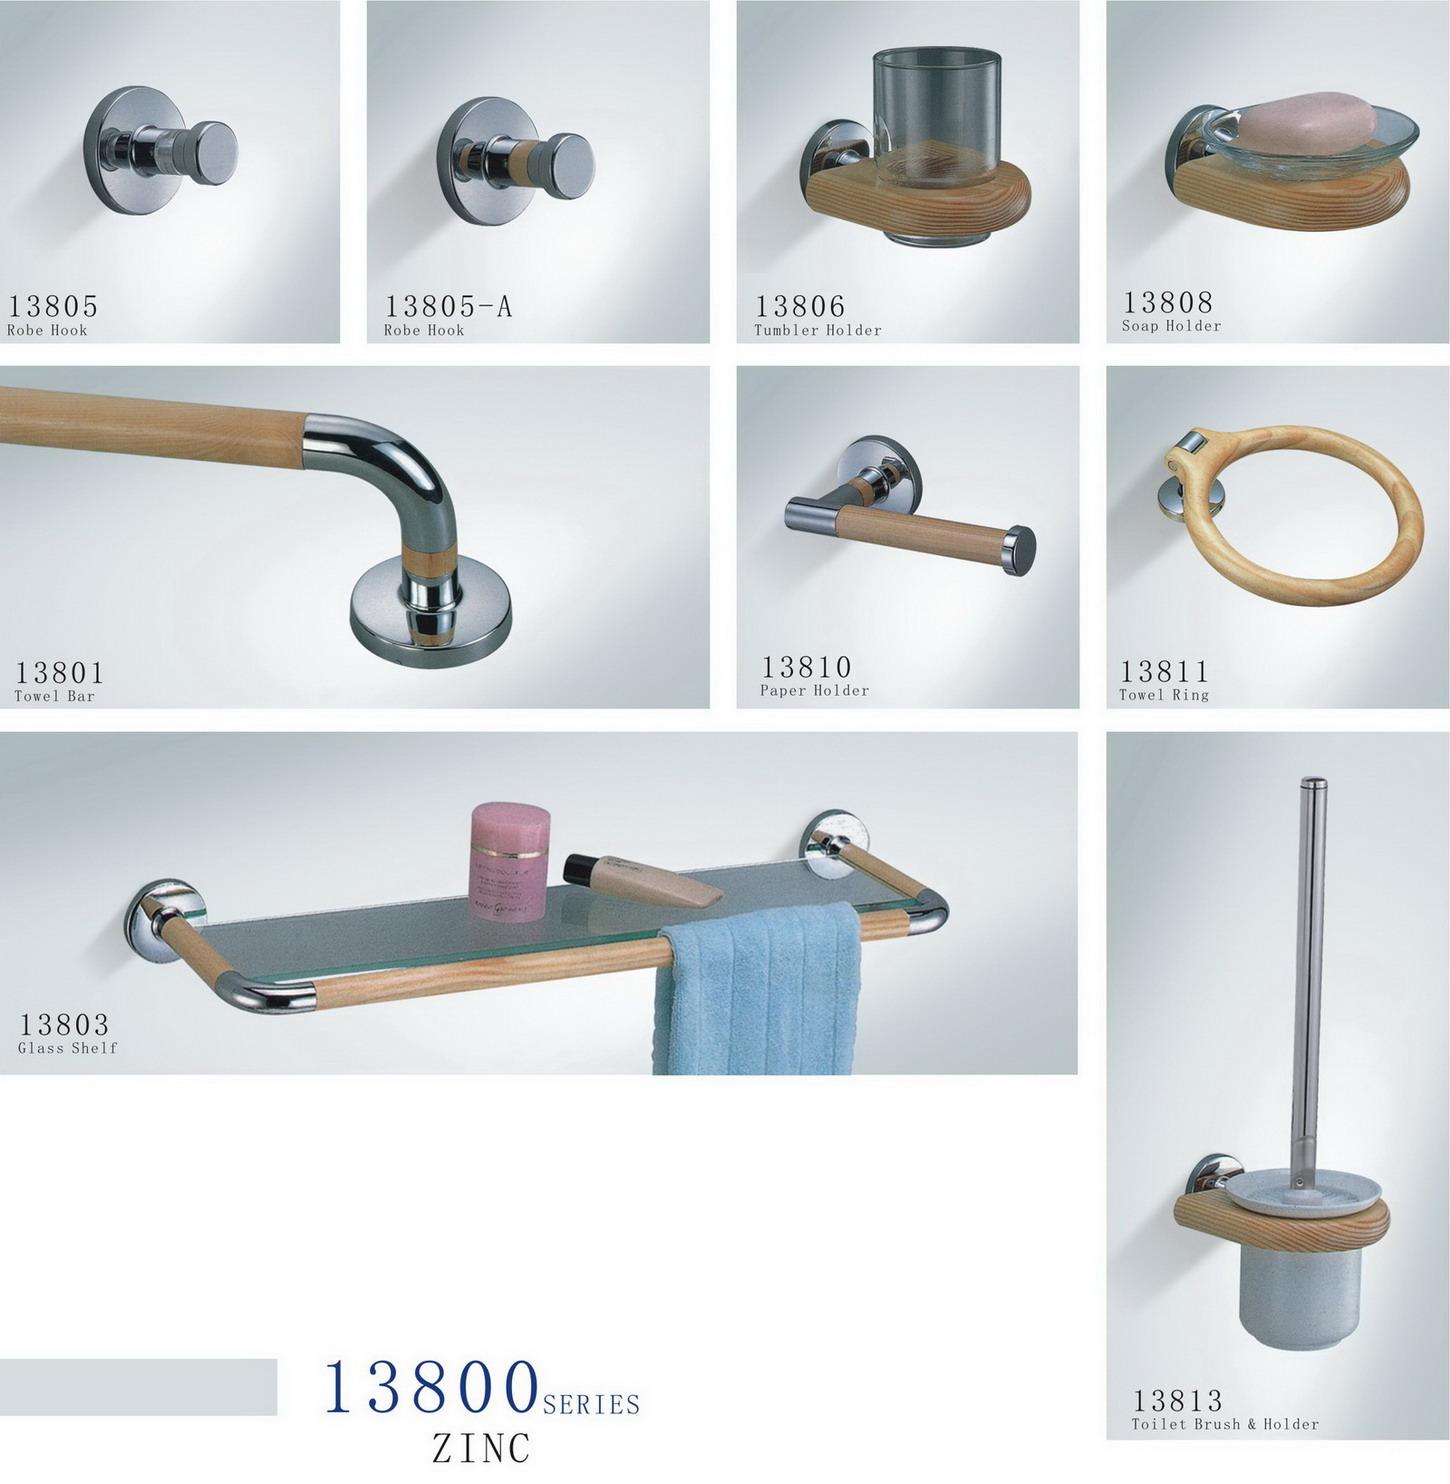 Bathroom Accessories 13800 Series - Wenzhou Range Mova Hardware Co ...